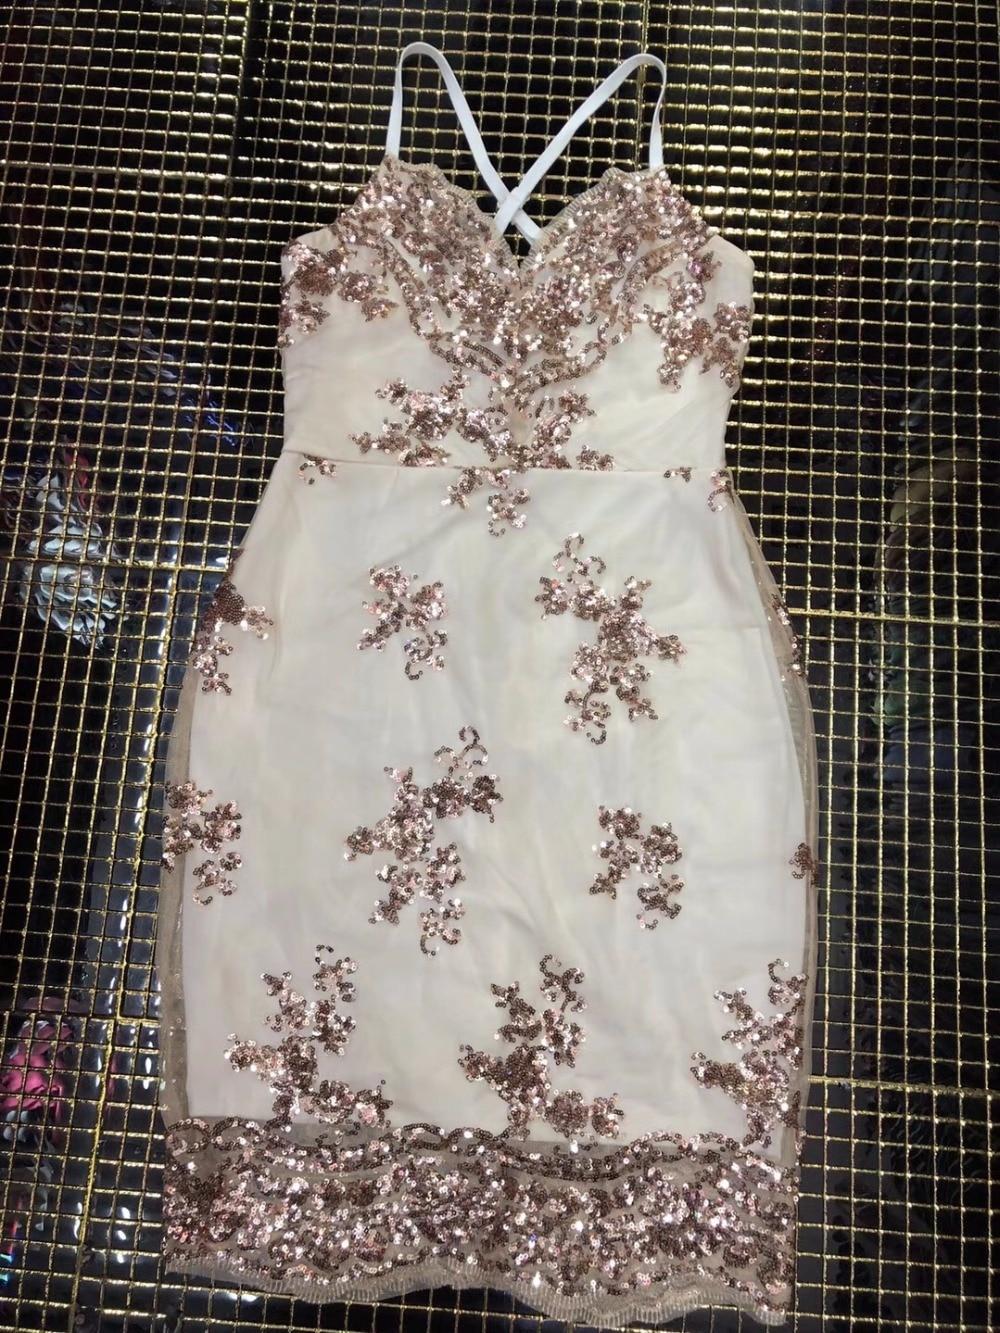 Abbellito Celebrity All'ingrosso Shimmer Chic Maglia Mini Strap Sexy Vestito Spaghetti Elegante Paillettes Donne 816vw5xvtq